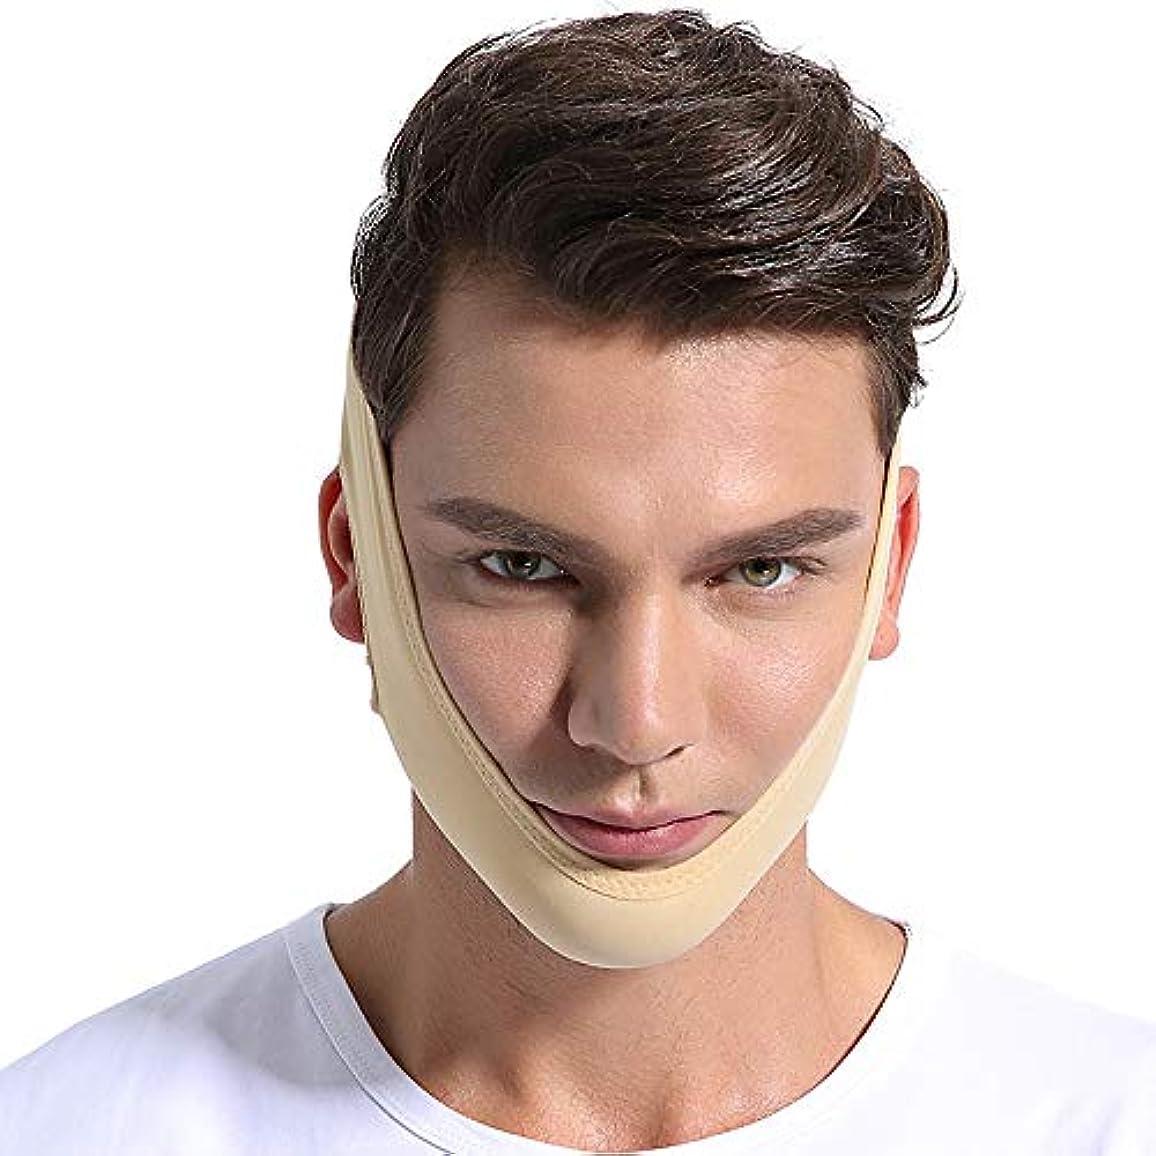 温室仕立て屋輝く顔面持ち上げ用具、Vフェイスの薄い顔の包帯顔面マッサージ器リフティングパッキングマスク,L